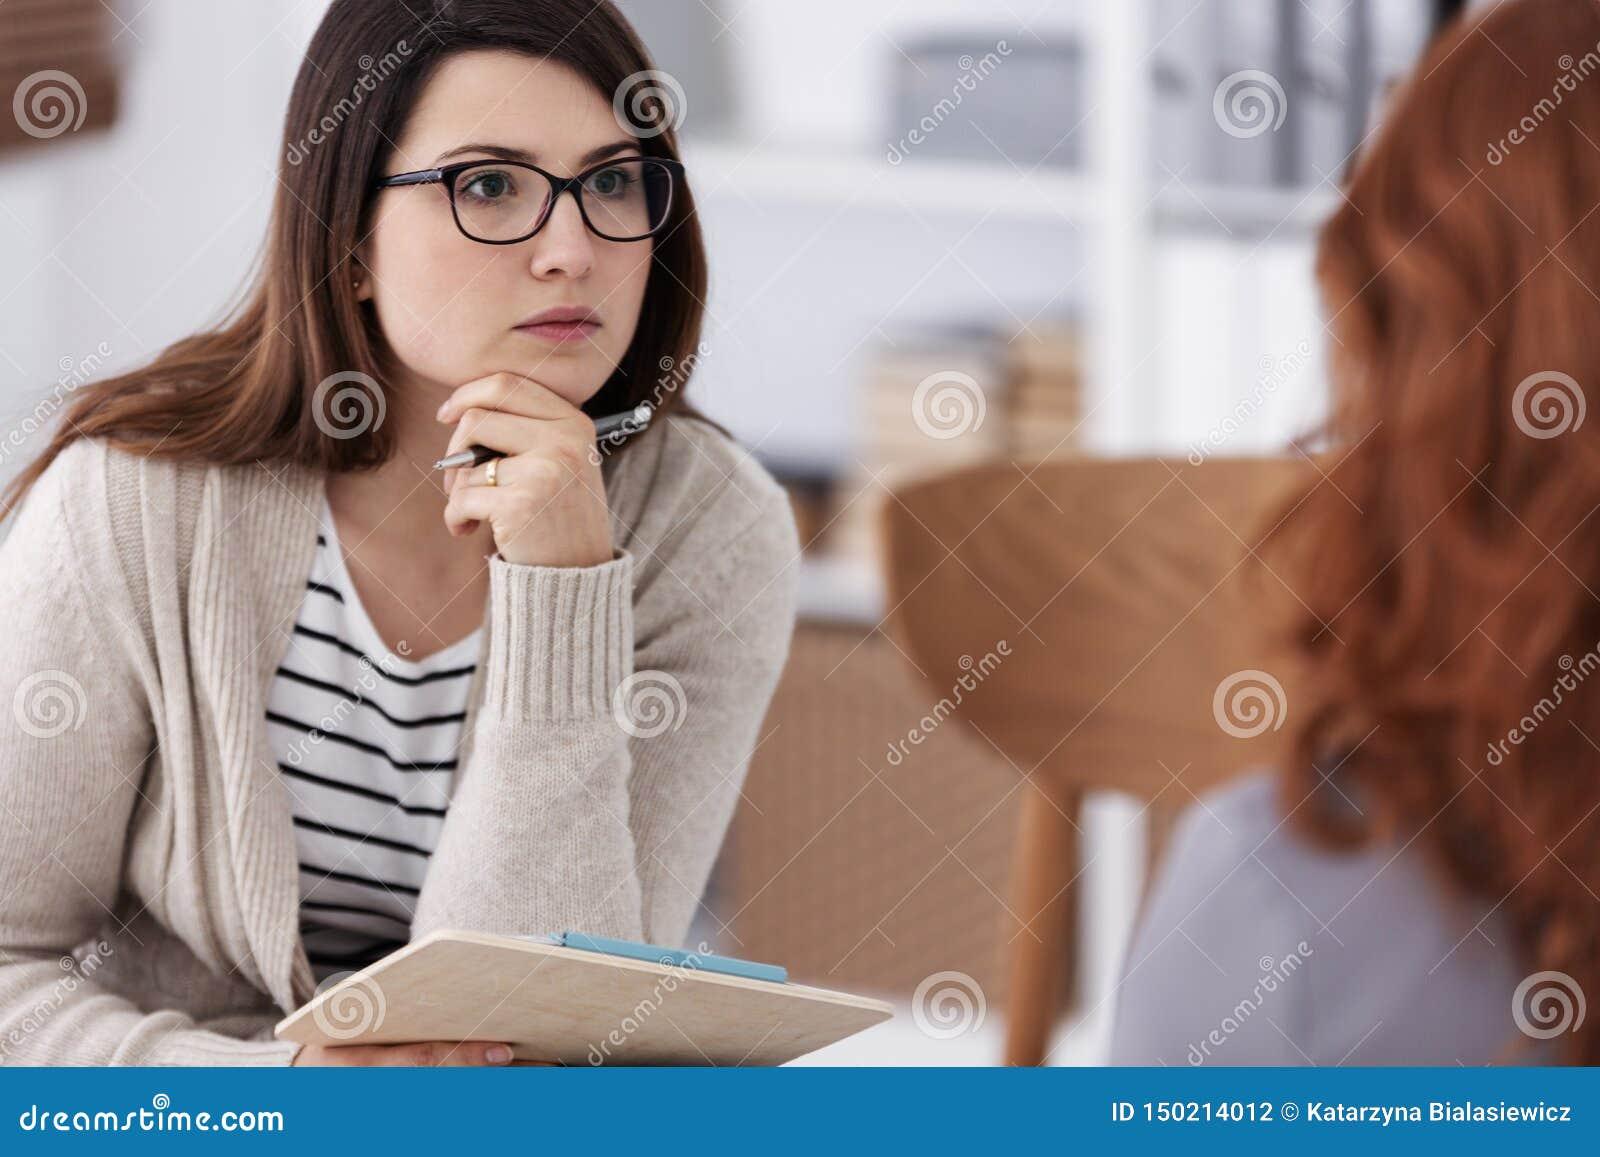 Σύμβουλος Profesional με το σημειωματάριο και μάνδρα κατά τη διάρκεια των γυναικών μορφής συνόδου εργαστηρίων